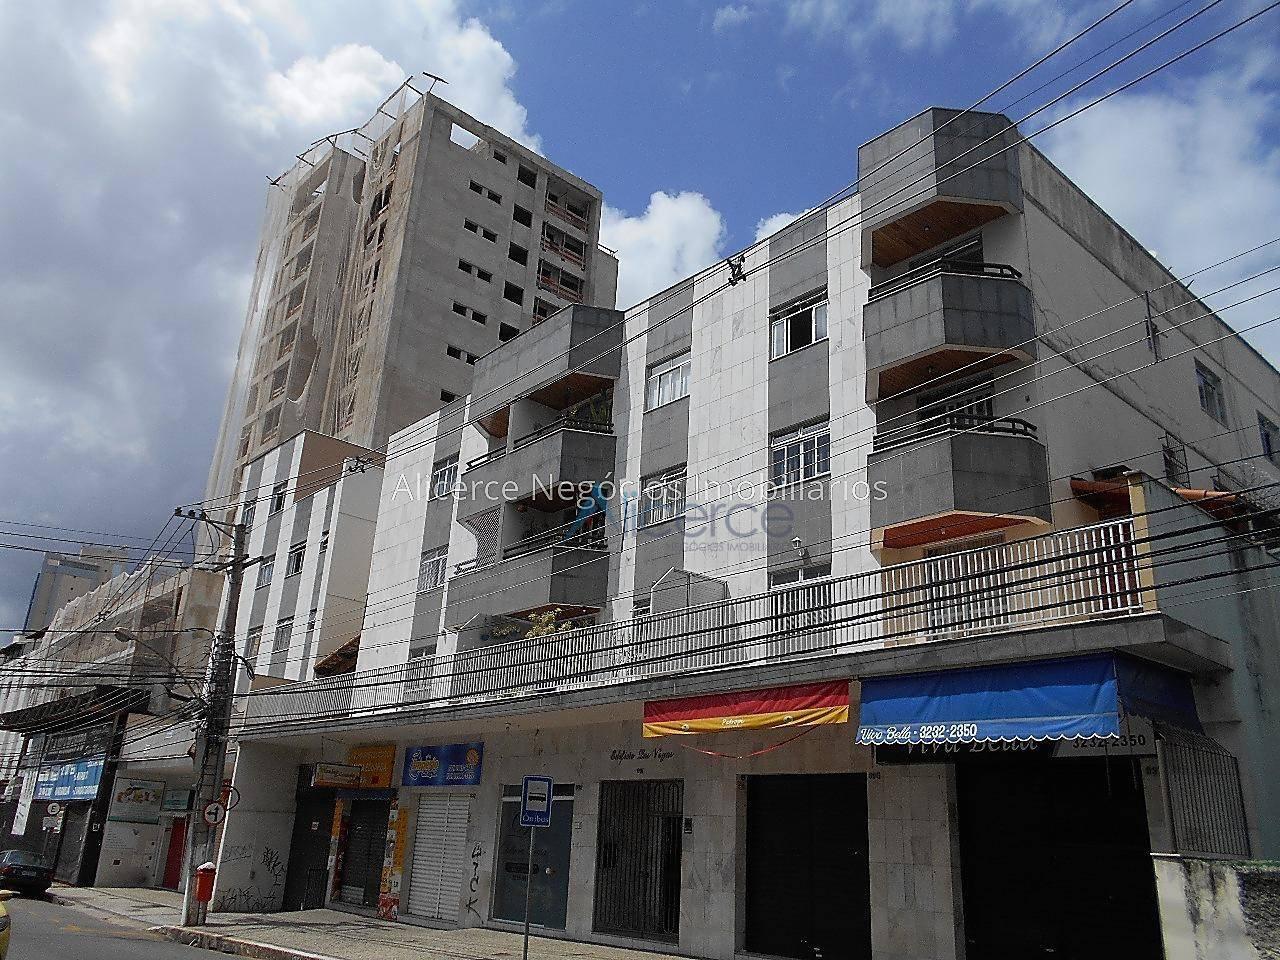 Apartamento à venda, 40 m² por R$ 168.000,00 - São Mateus - Juiz de Fora/MG